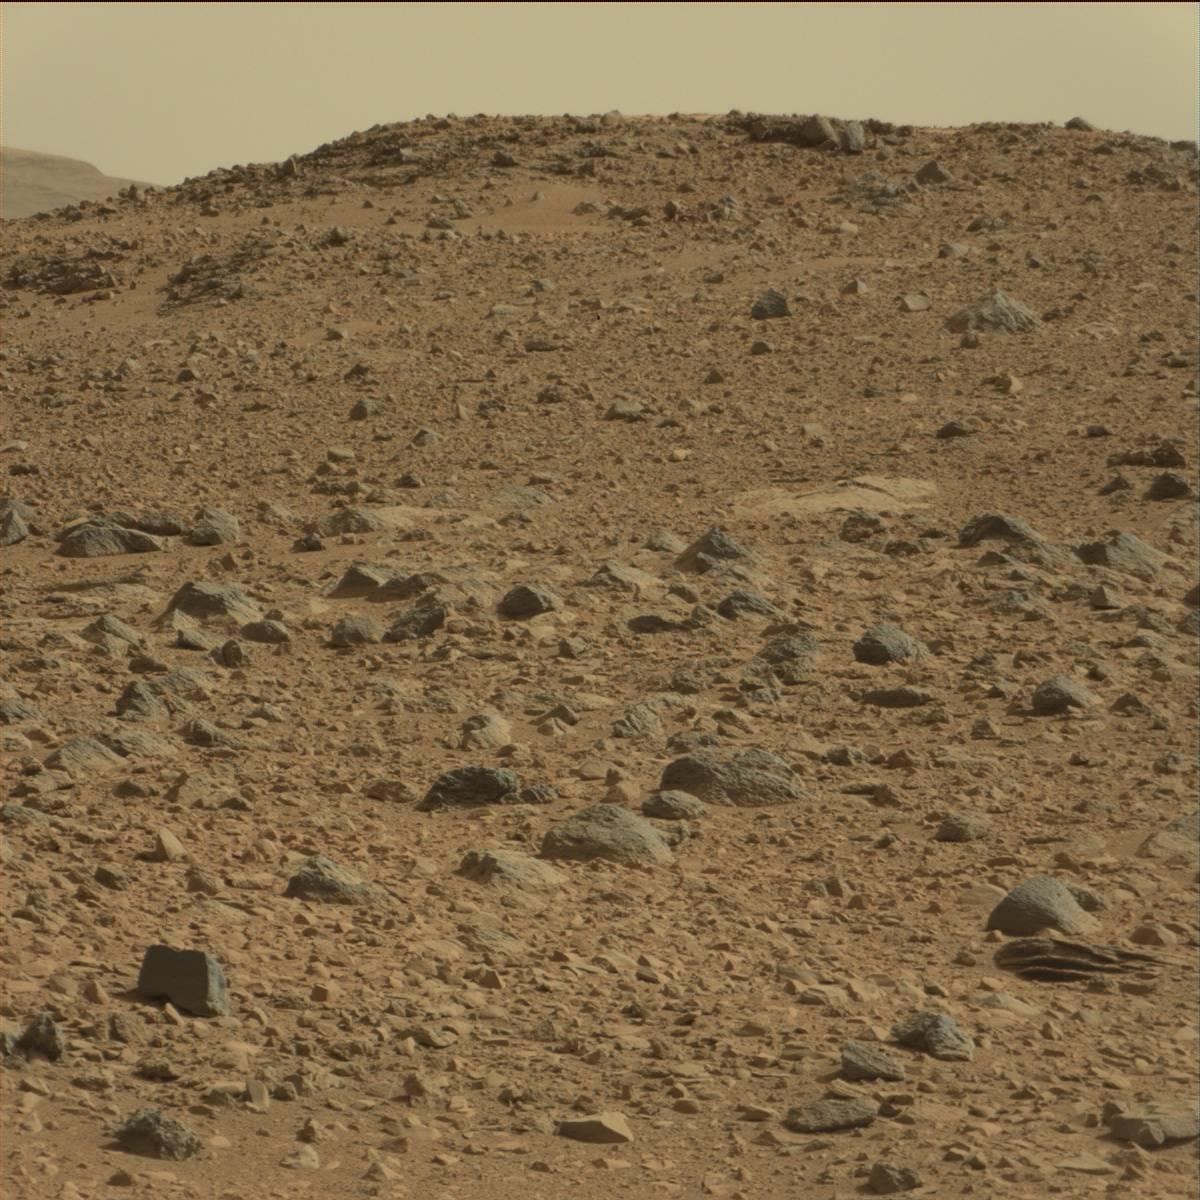 rover 75 mars - photo #32